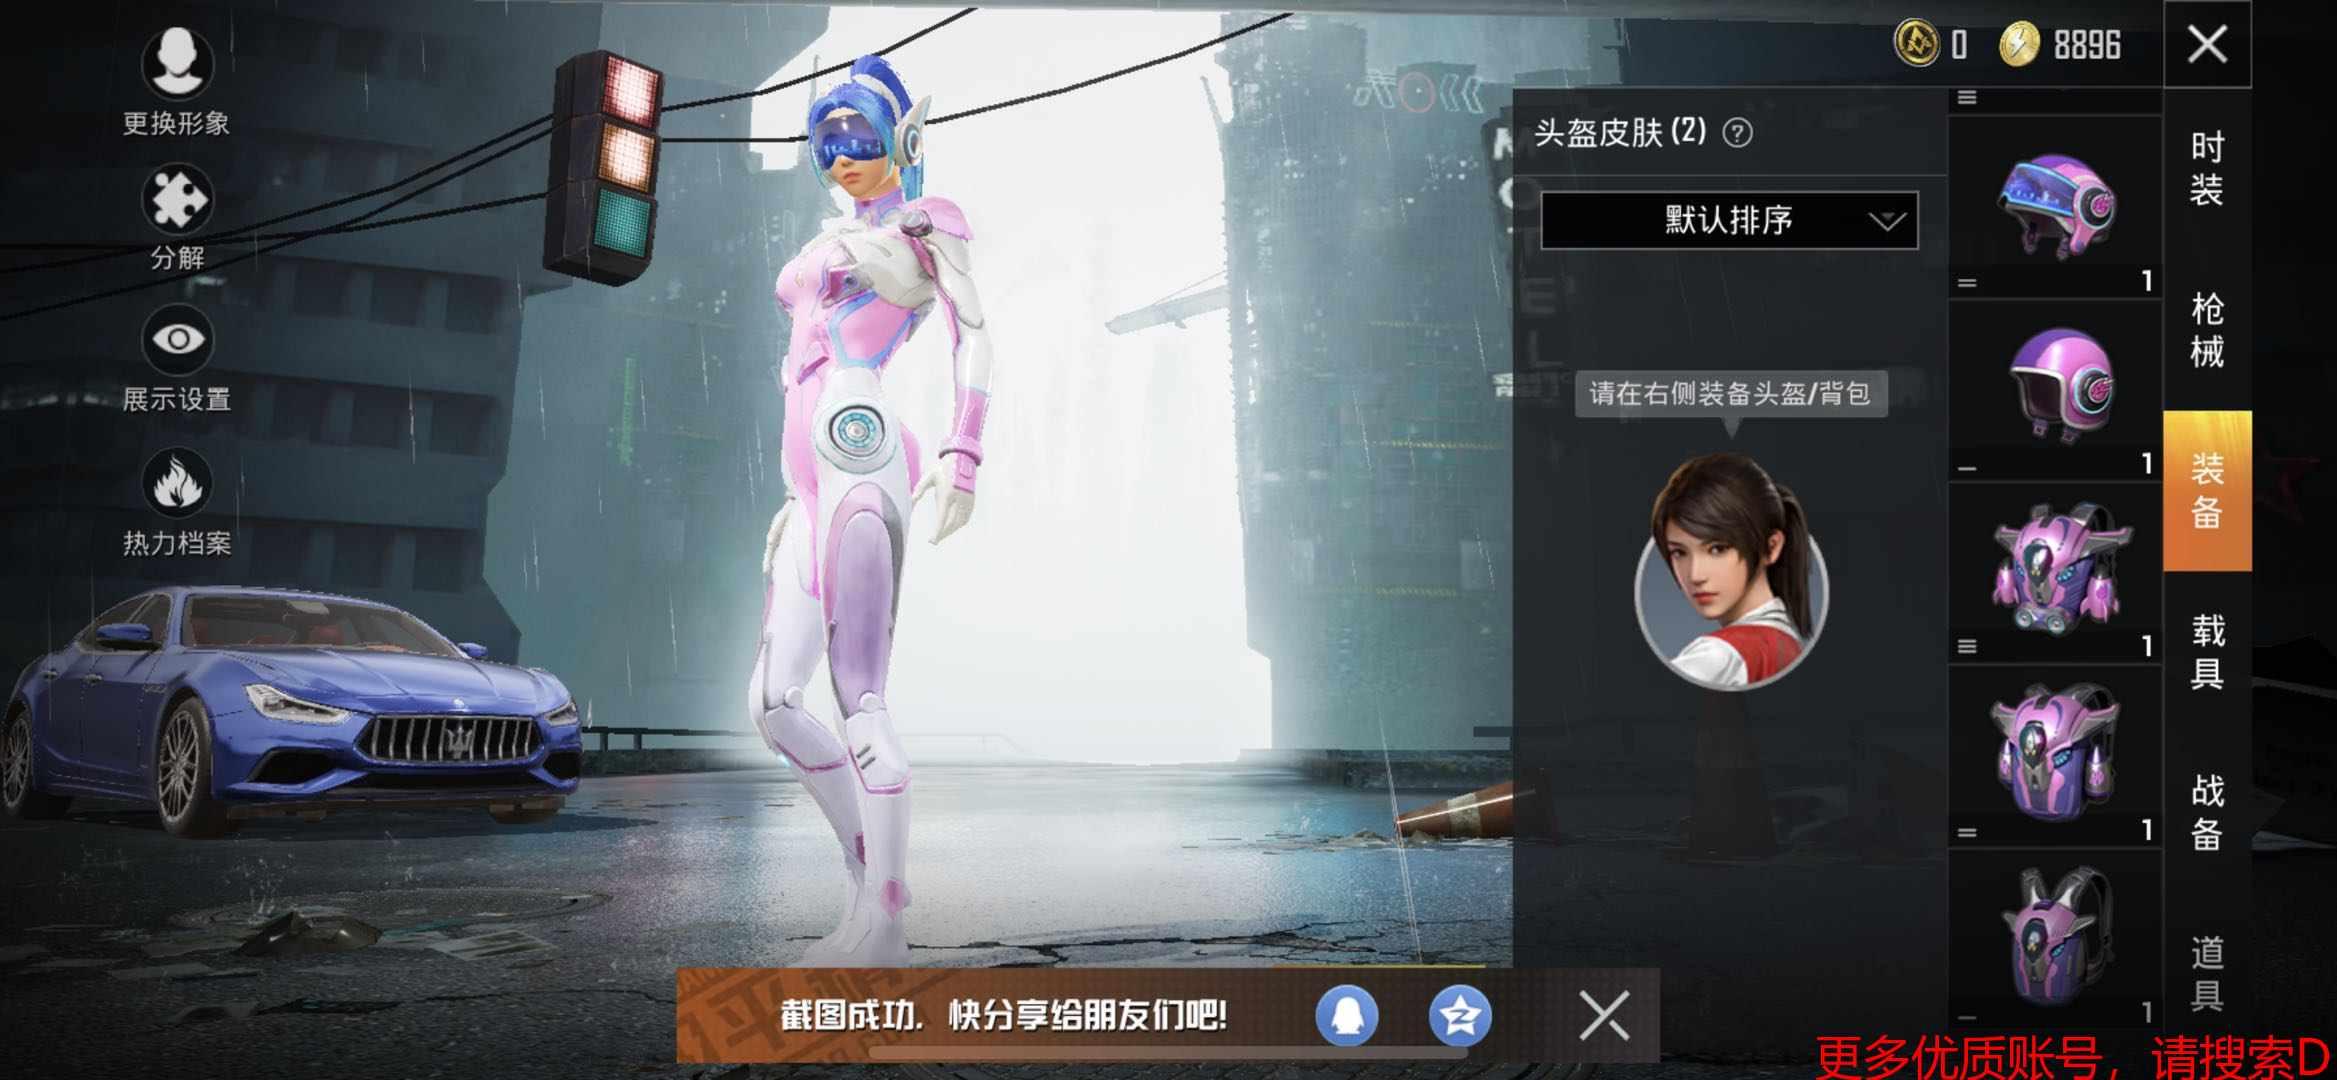 D 火箭少女  1,2级头盔 1,2,3级包降落伞 奇迹天团 蓝色玛莎拉蒂